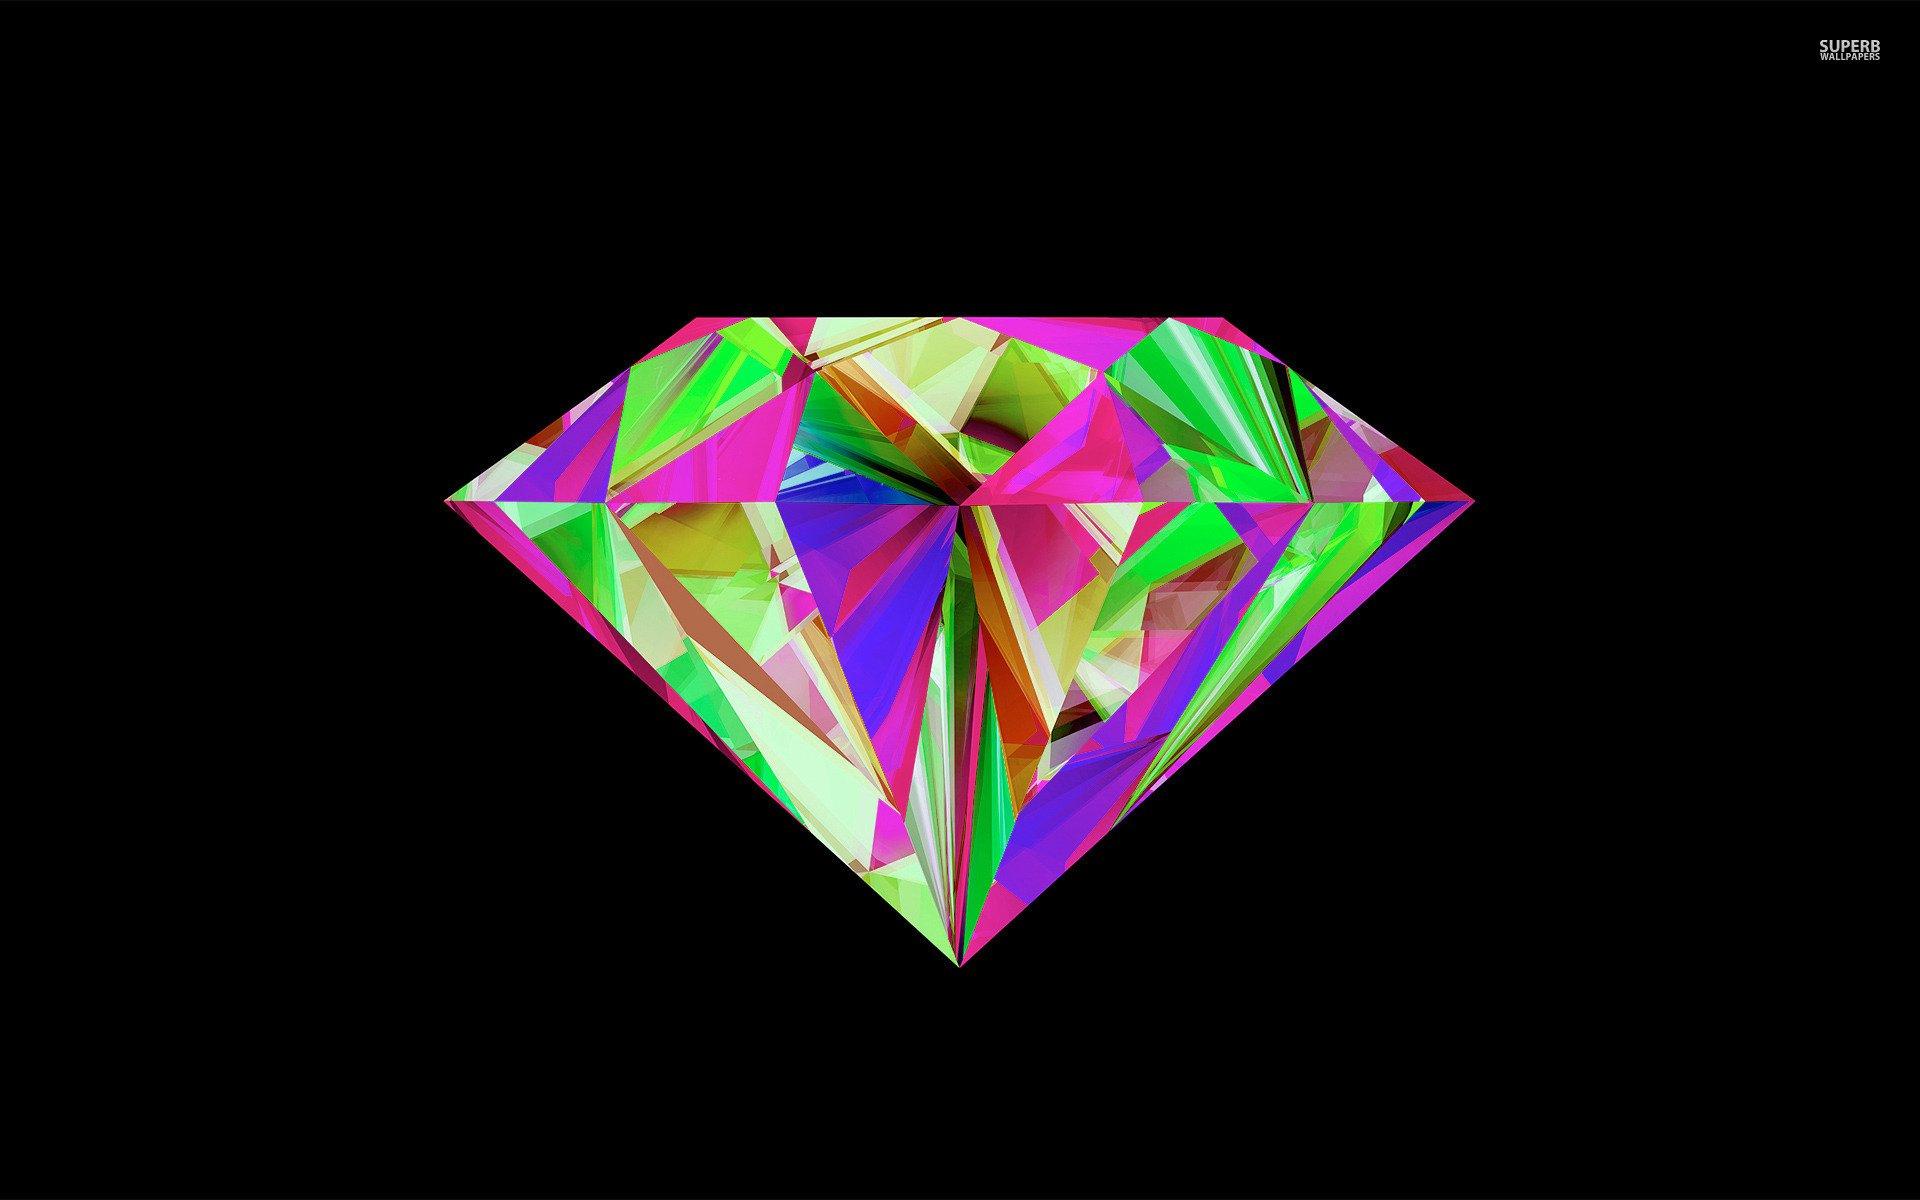 Diamond full hd wallpaper and background image 1920x1200 for Sfondi stupendi hd